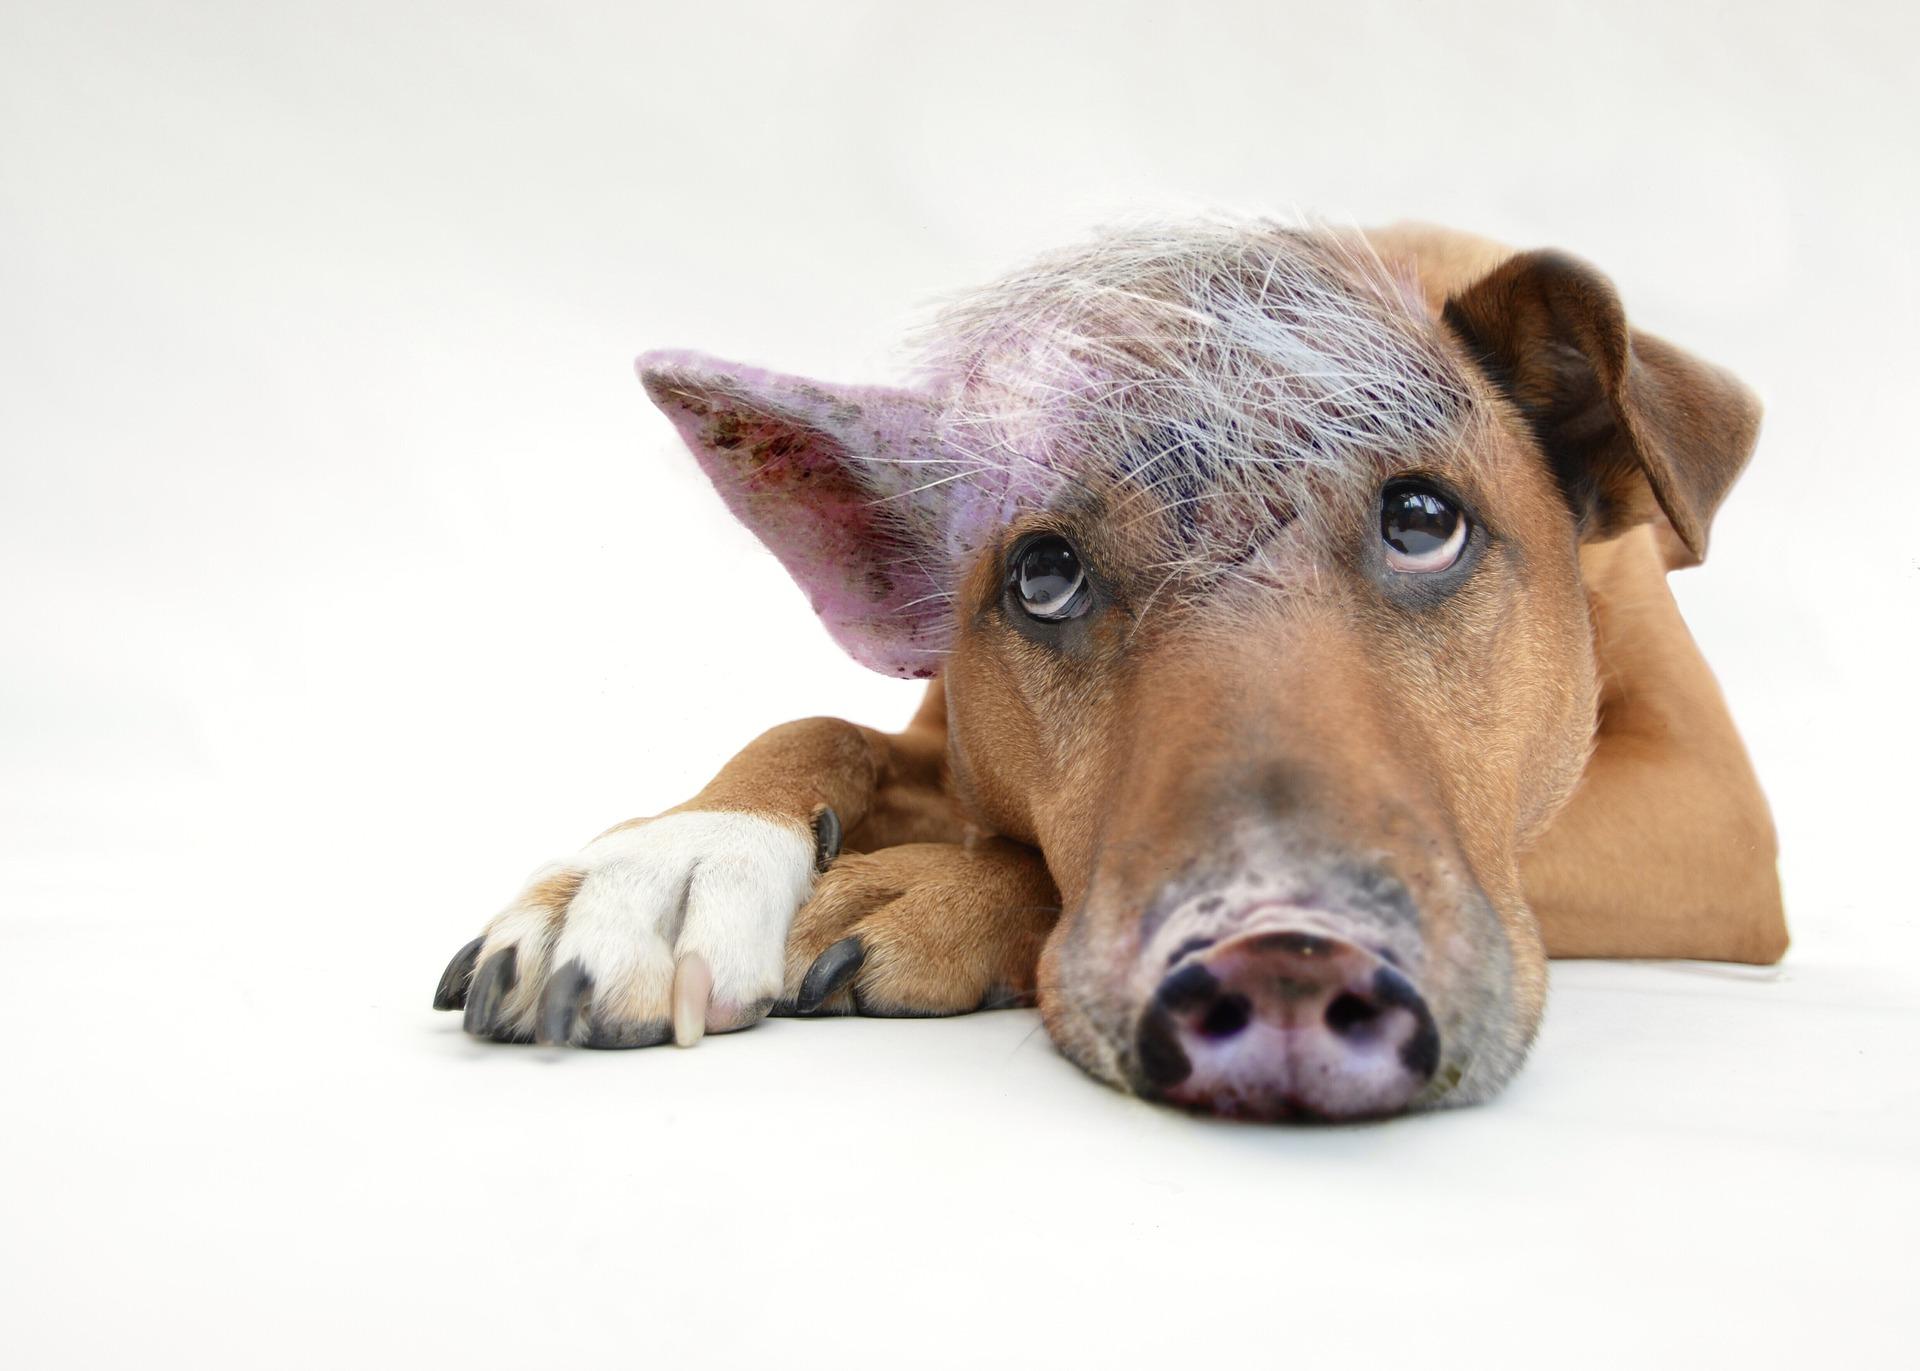 Wie schaffe ich es, meinen inneren Schweinehund loszuwerden?